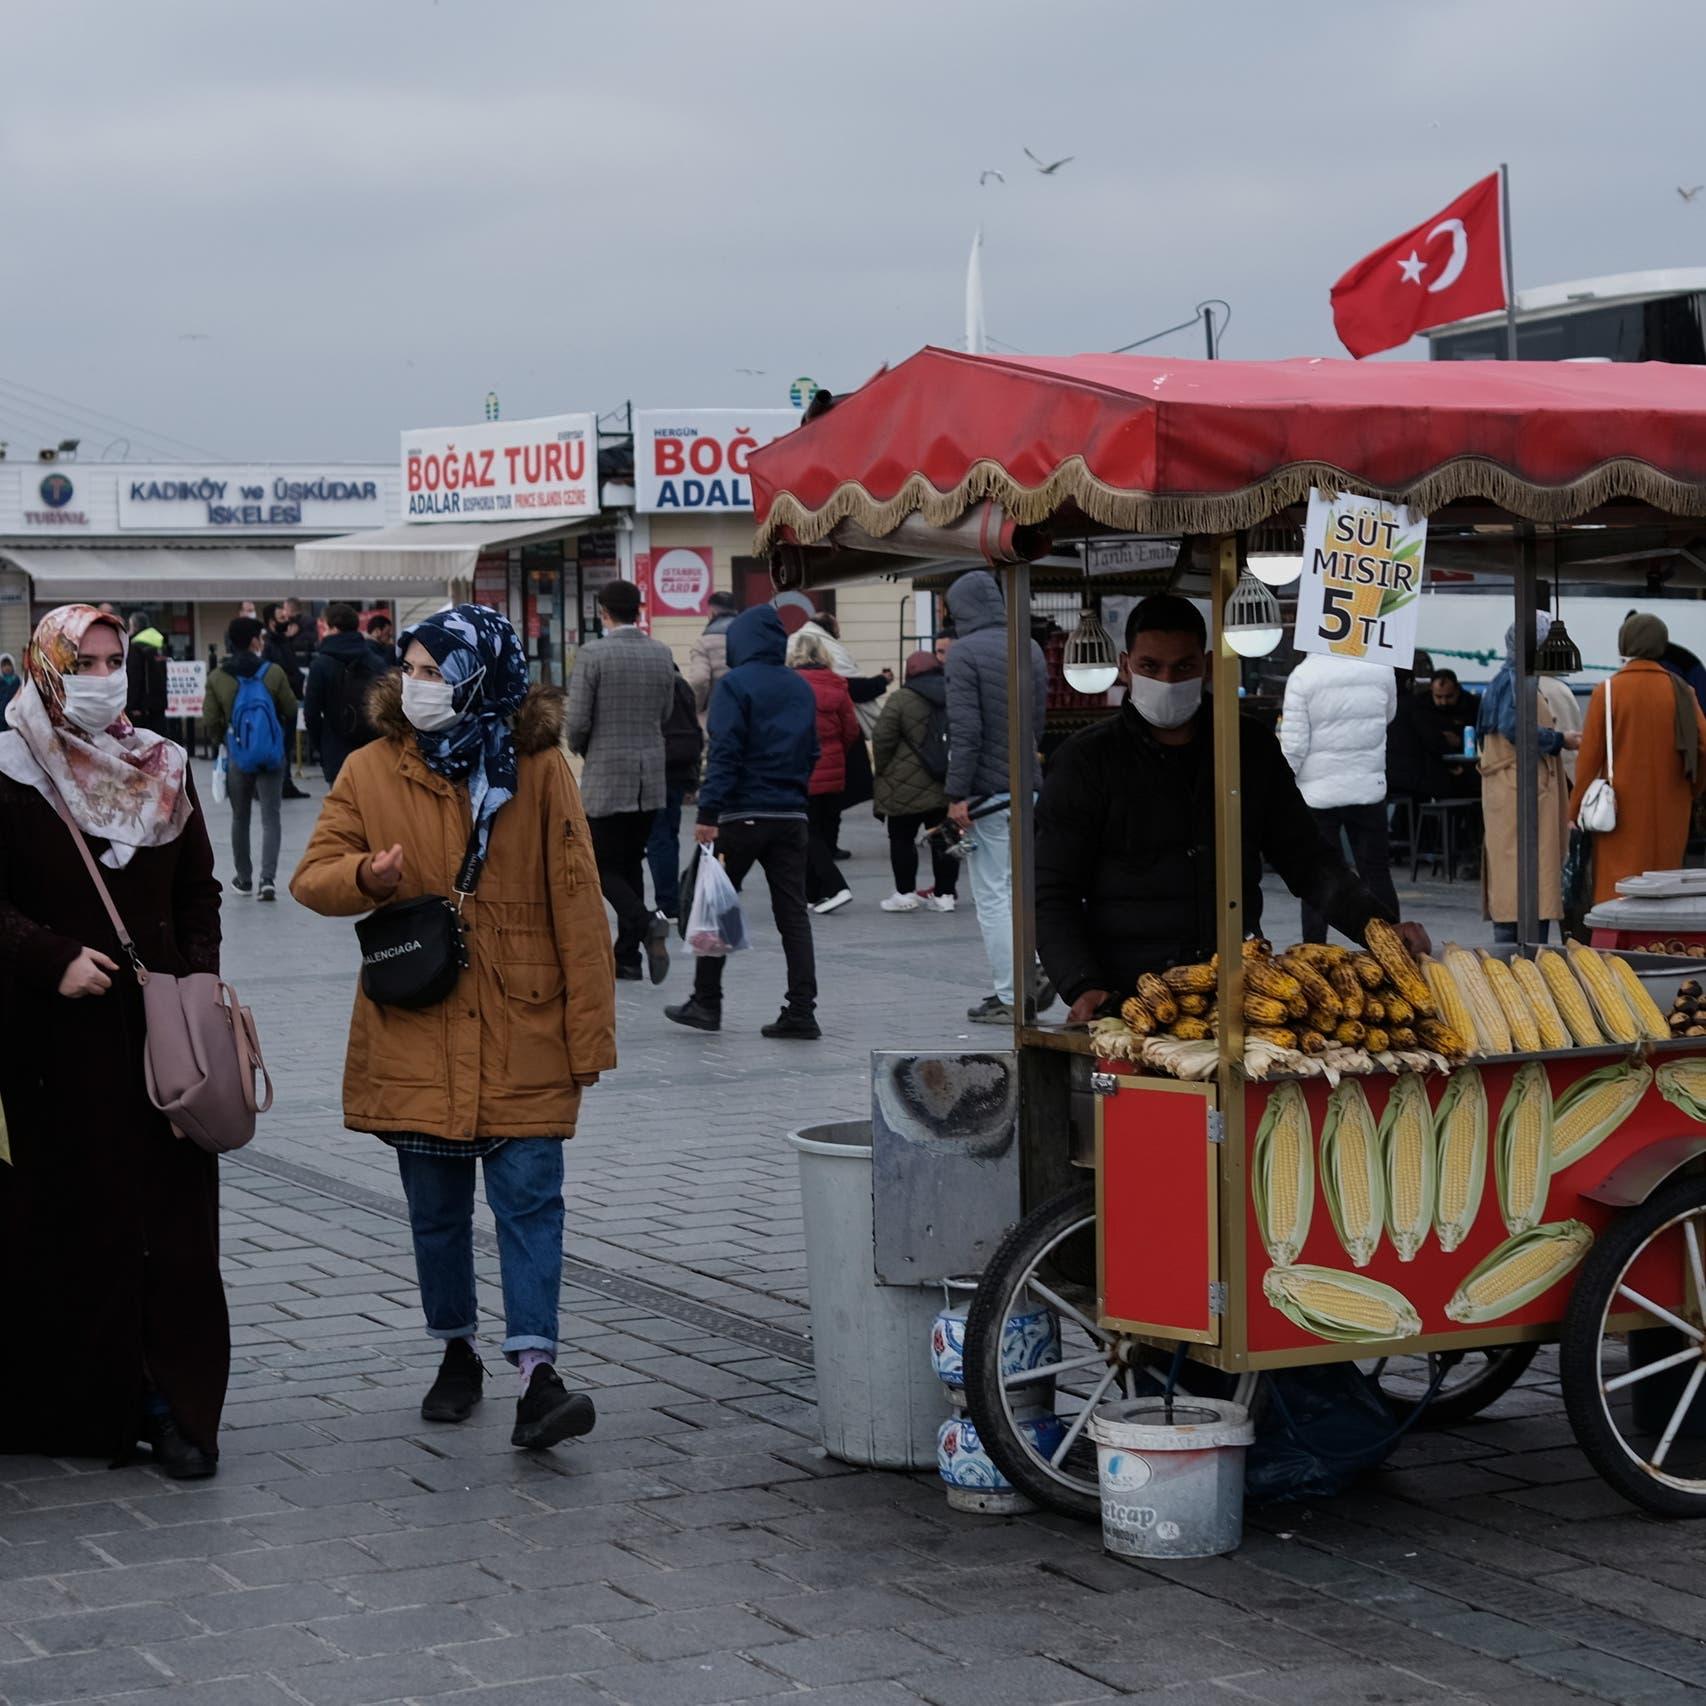 """خبير اقتصادي يحذر: """"تركيا لن تتحمل تداعيات إغلاق جديد"""""""